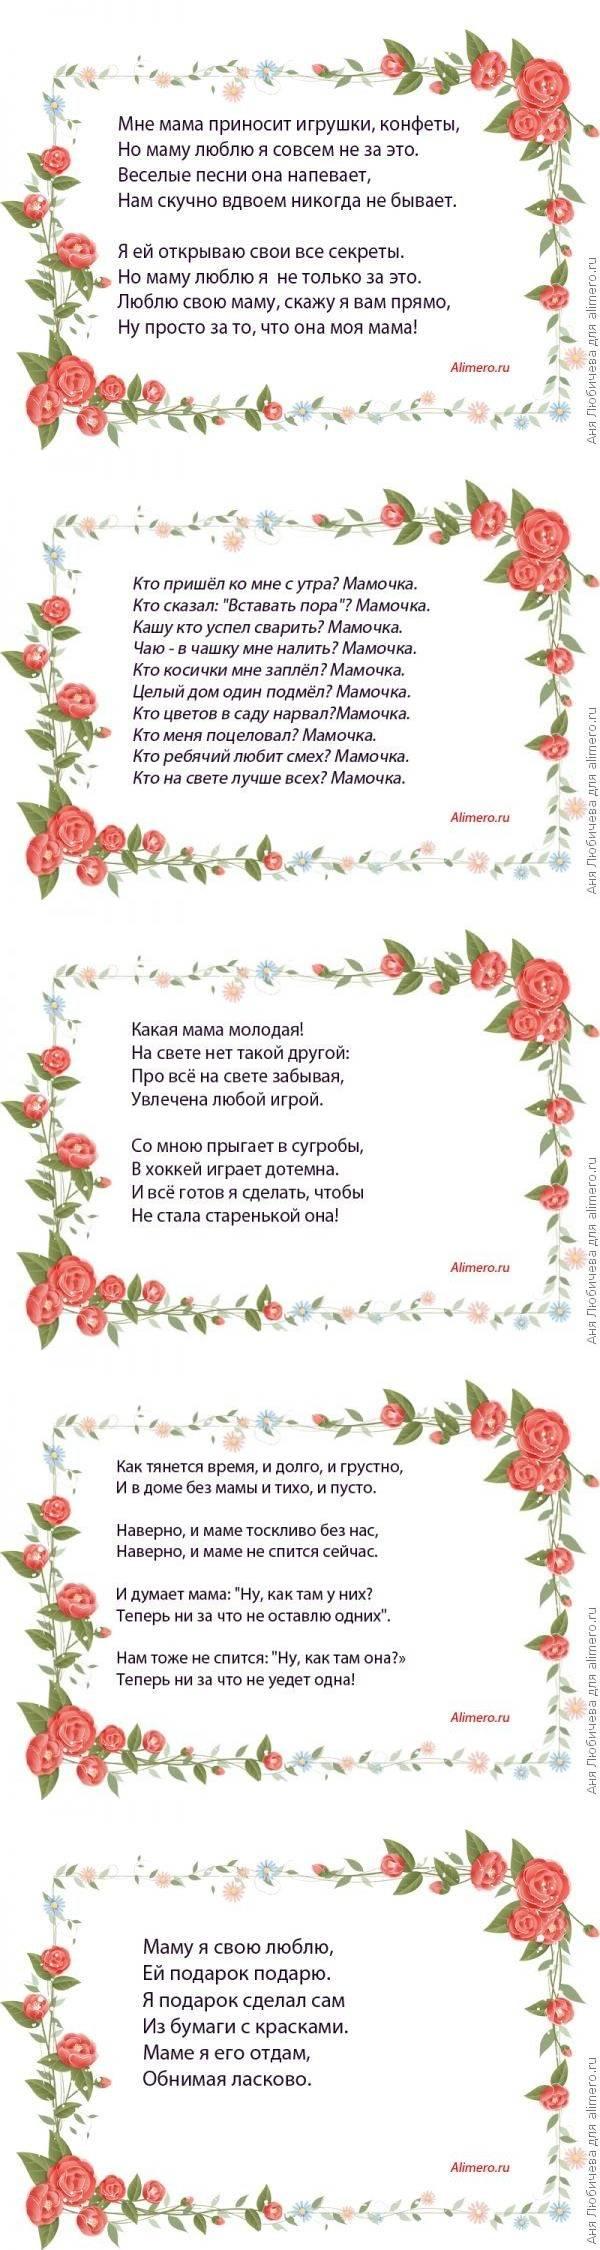 19 стихотворений о мамах на 8 марта